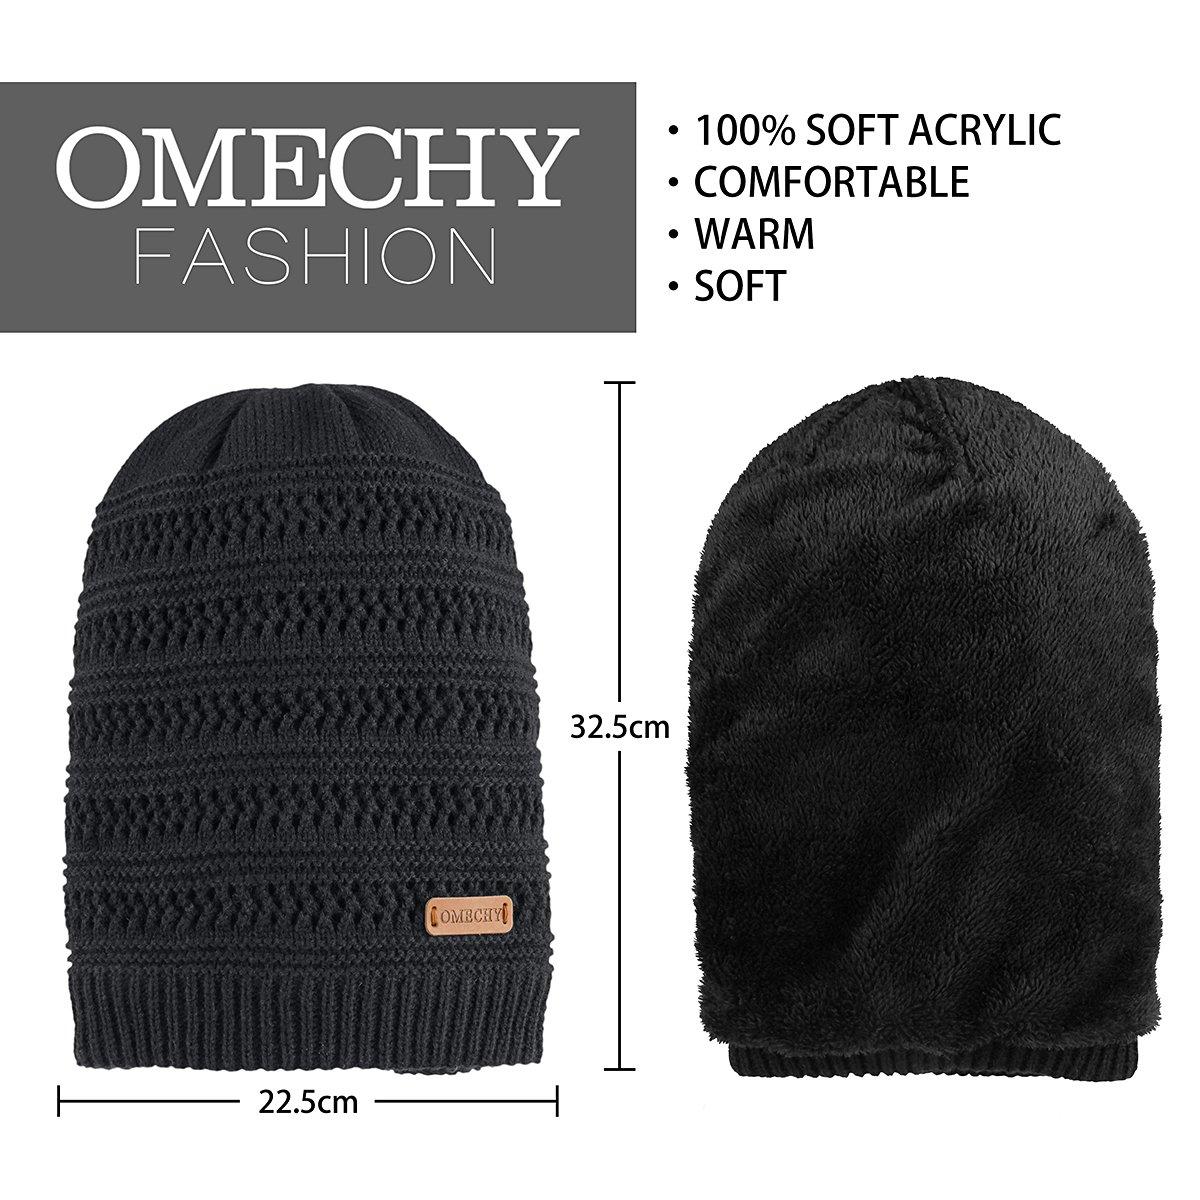 9cfb1fc1620 OMECHY Unisex Slouchy Beanie Hats Winter Warm Knit Skull Fleece Ski Cap ...